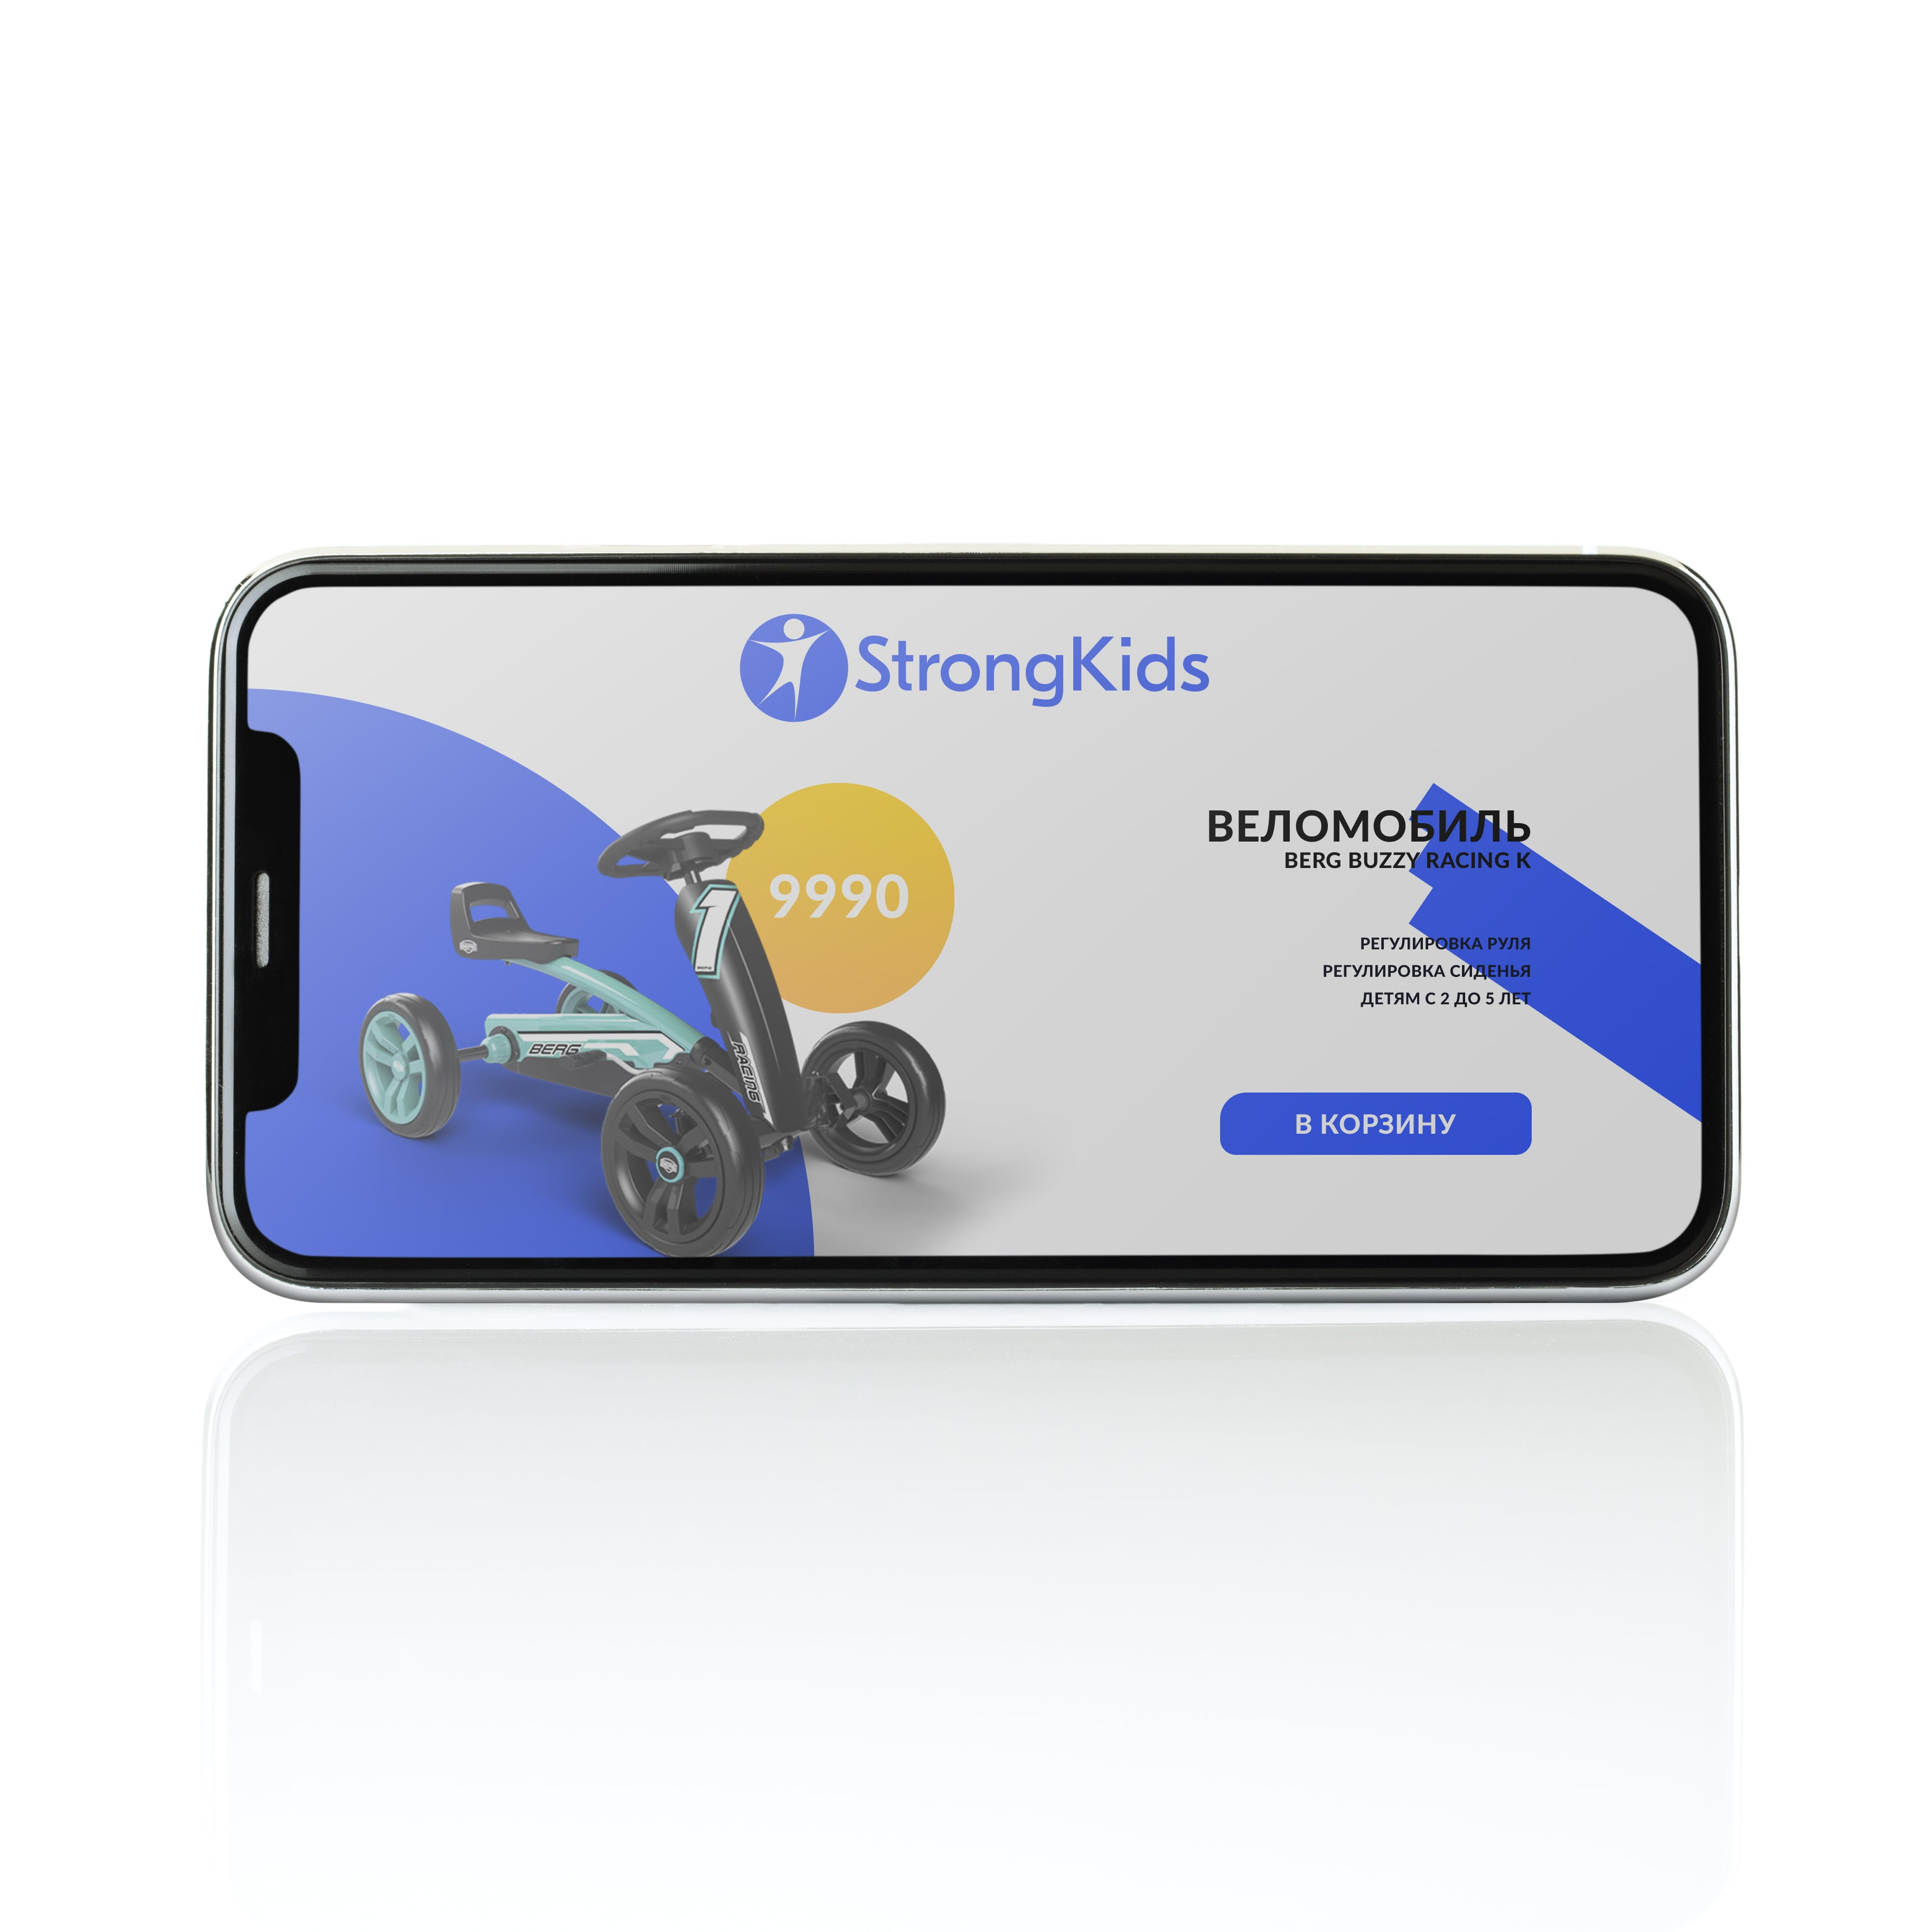 Логотип для Детского Интернет Магазина StrongKids фото f_3715c6336afbd8c6.jpg